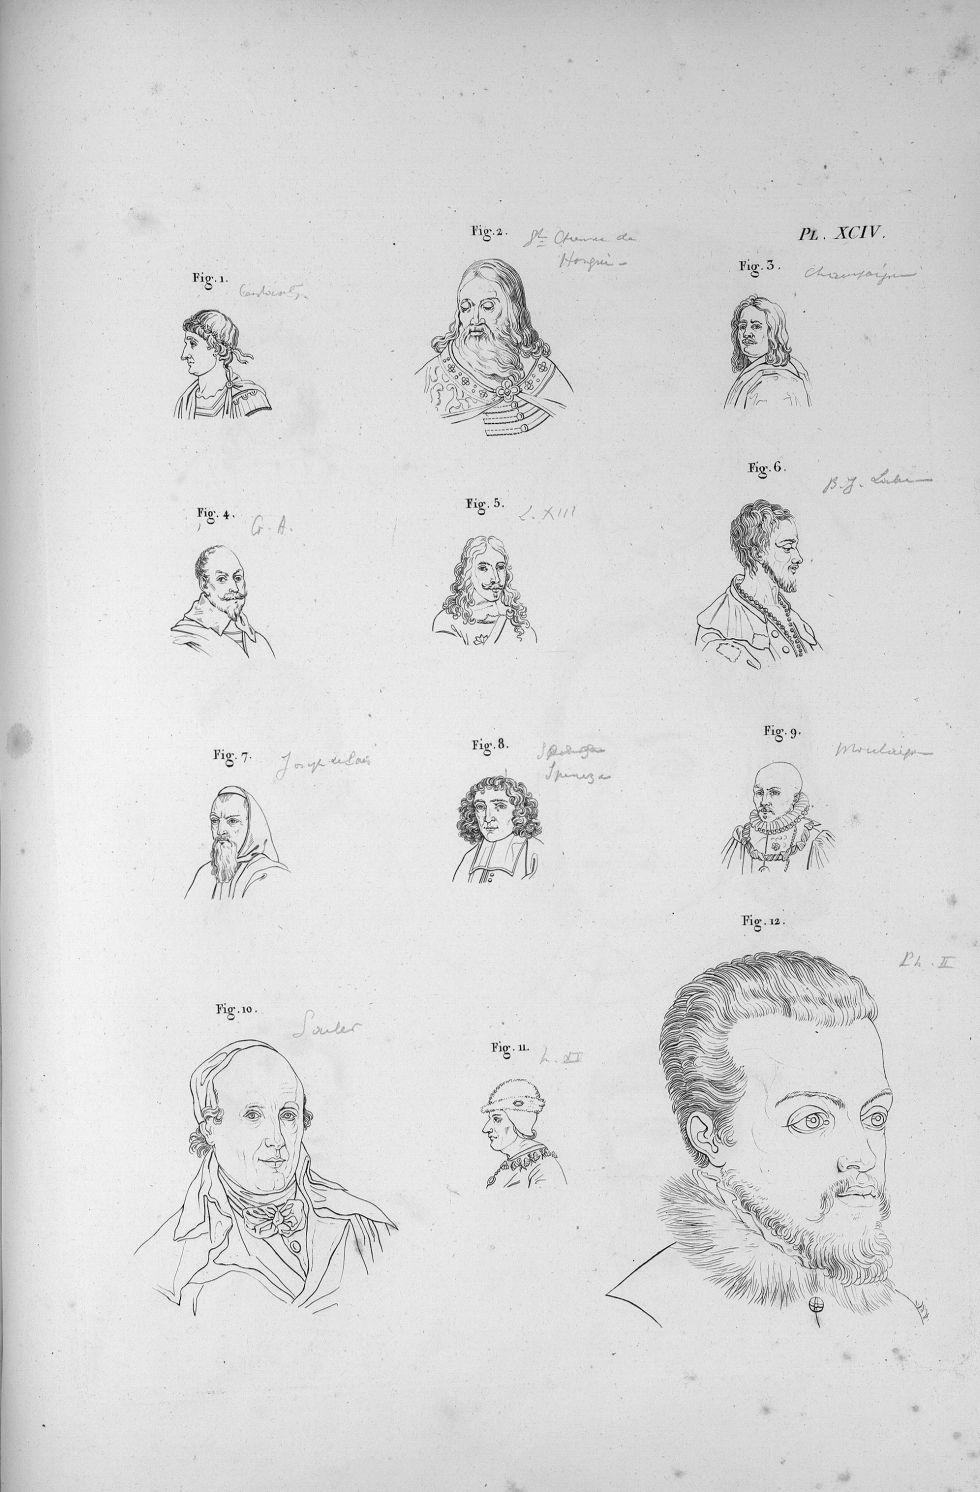 Pl. XCIV. Fig. 1. Constantin / Fig. 2. Saint Etienne, roi de Hongrie / Fig. 3. Champagne / Fig. 4. G [...] - Anatomie. Neurologie. Têtes. Phrénologie. 19e siècle (France) - med00575x04x0321